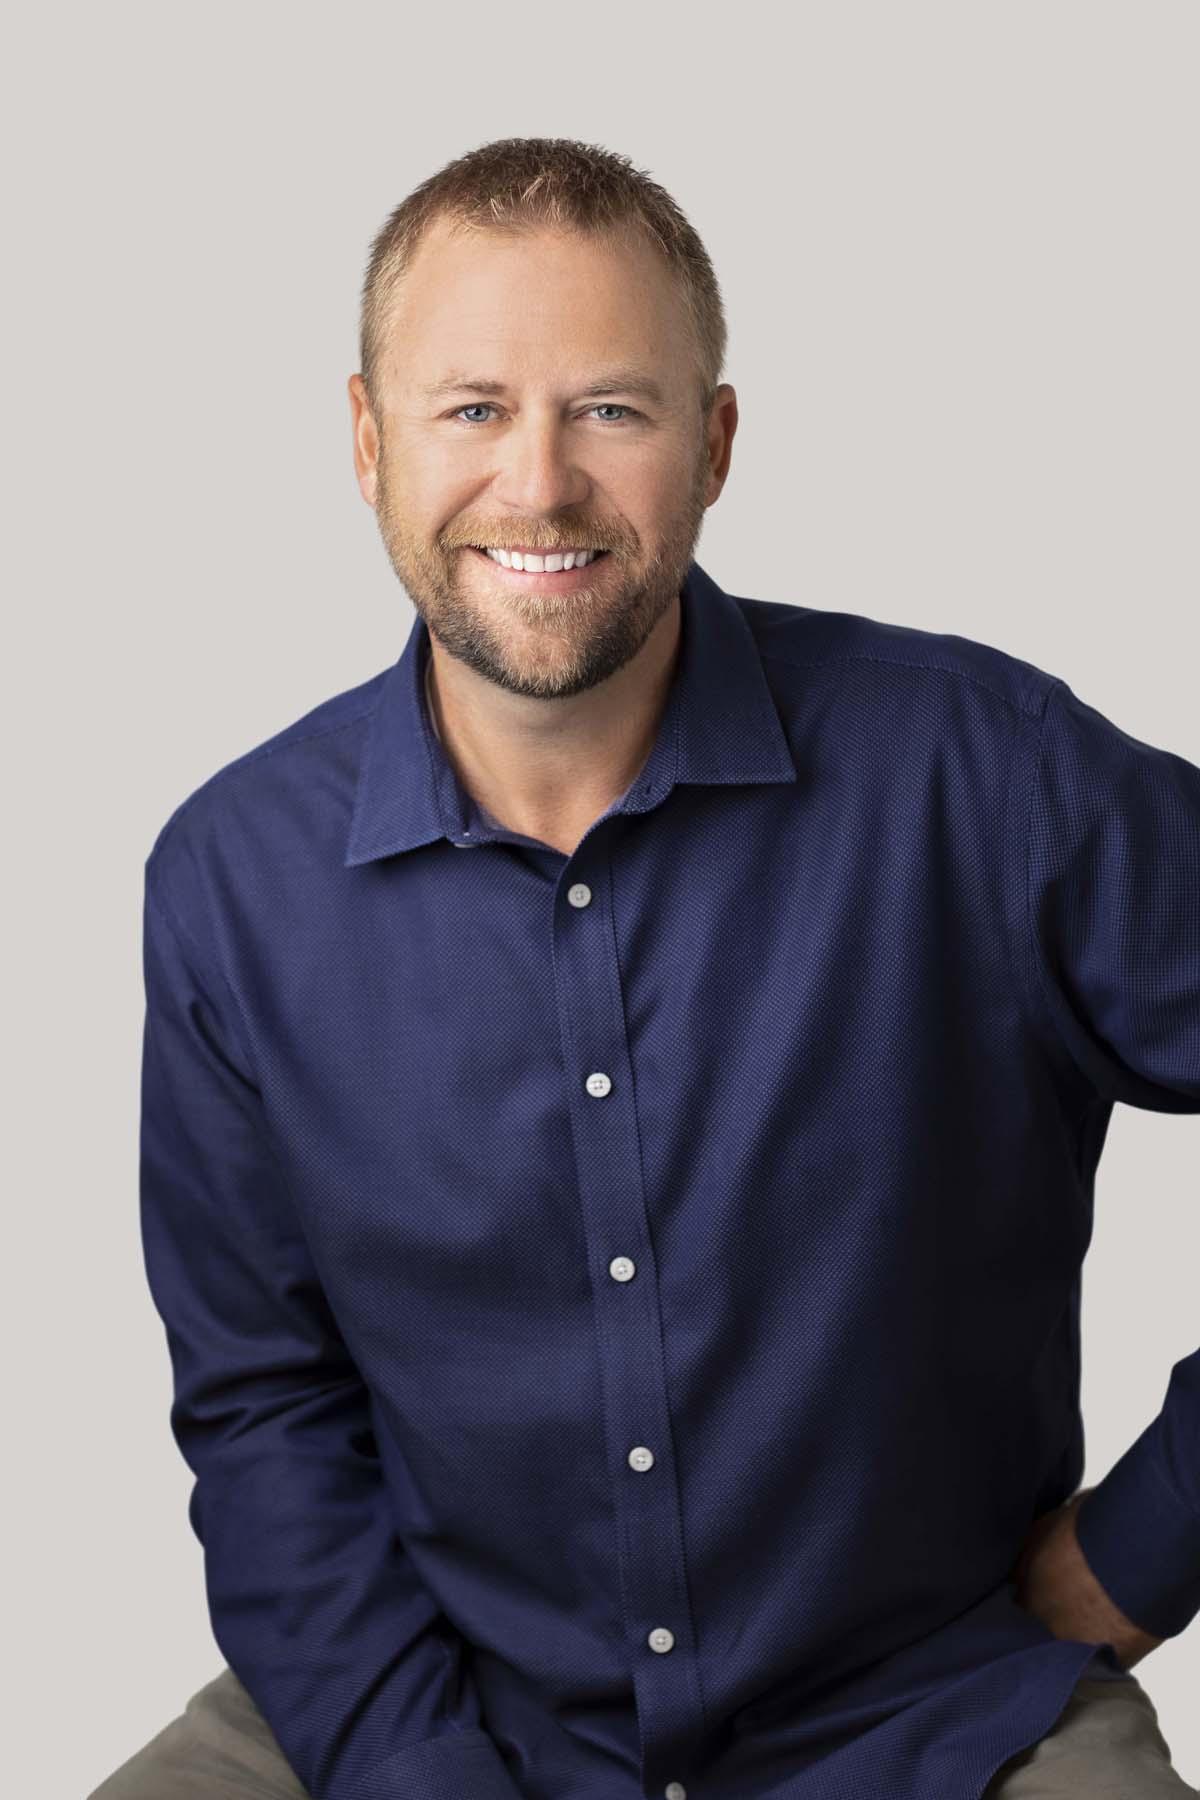 Chad Hahn